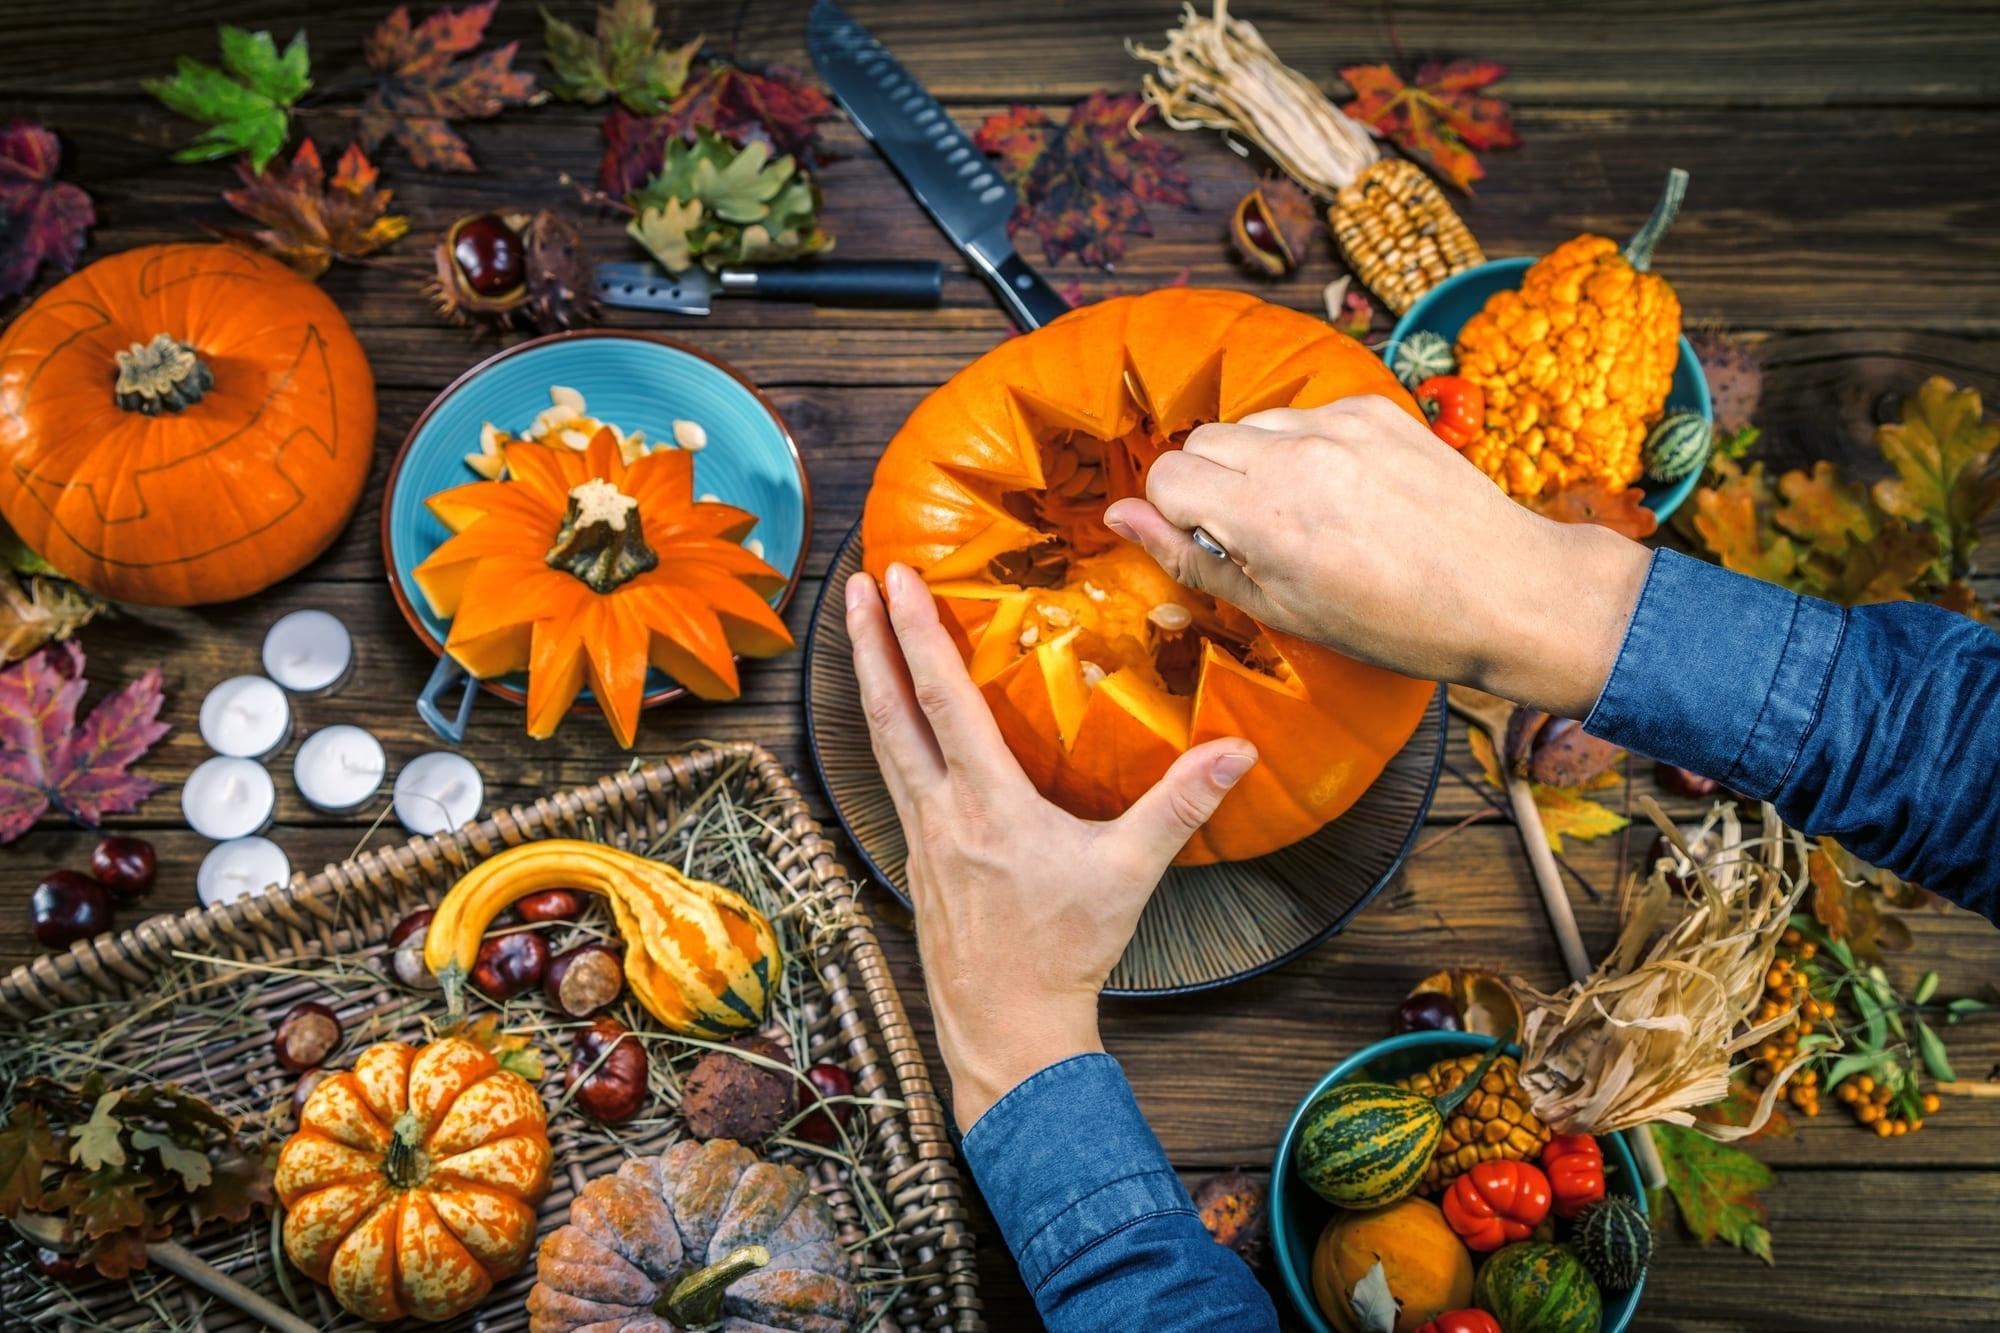 A person creates a pumpkin display